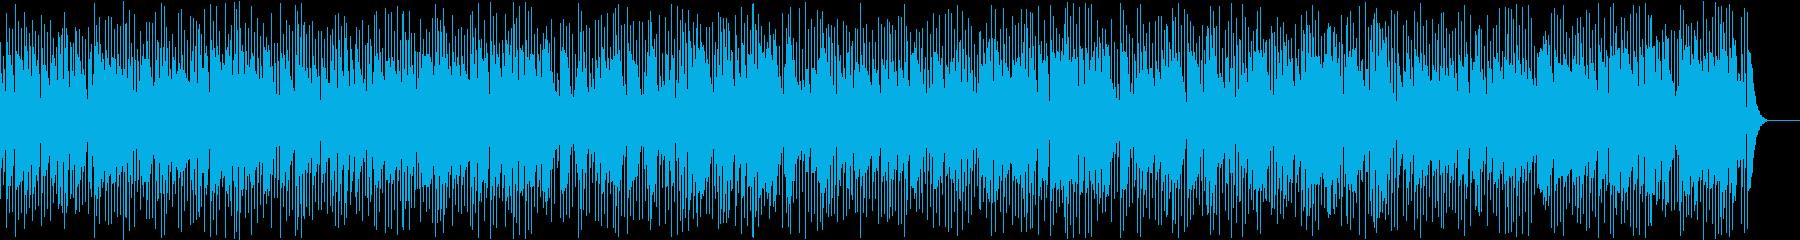 サティの名曲を楽しいジプシージャズにの再生済みの波形